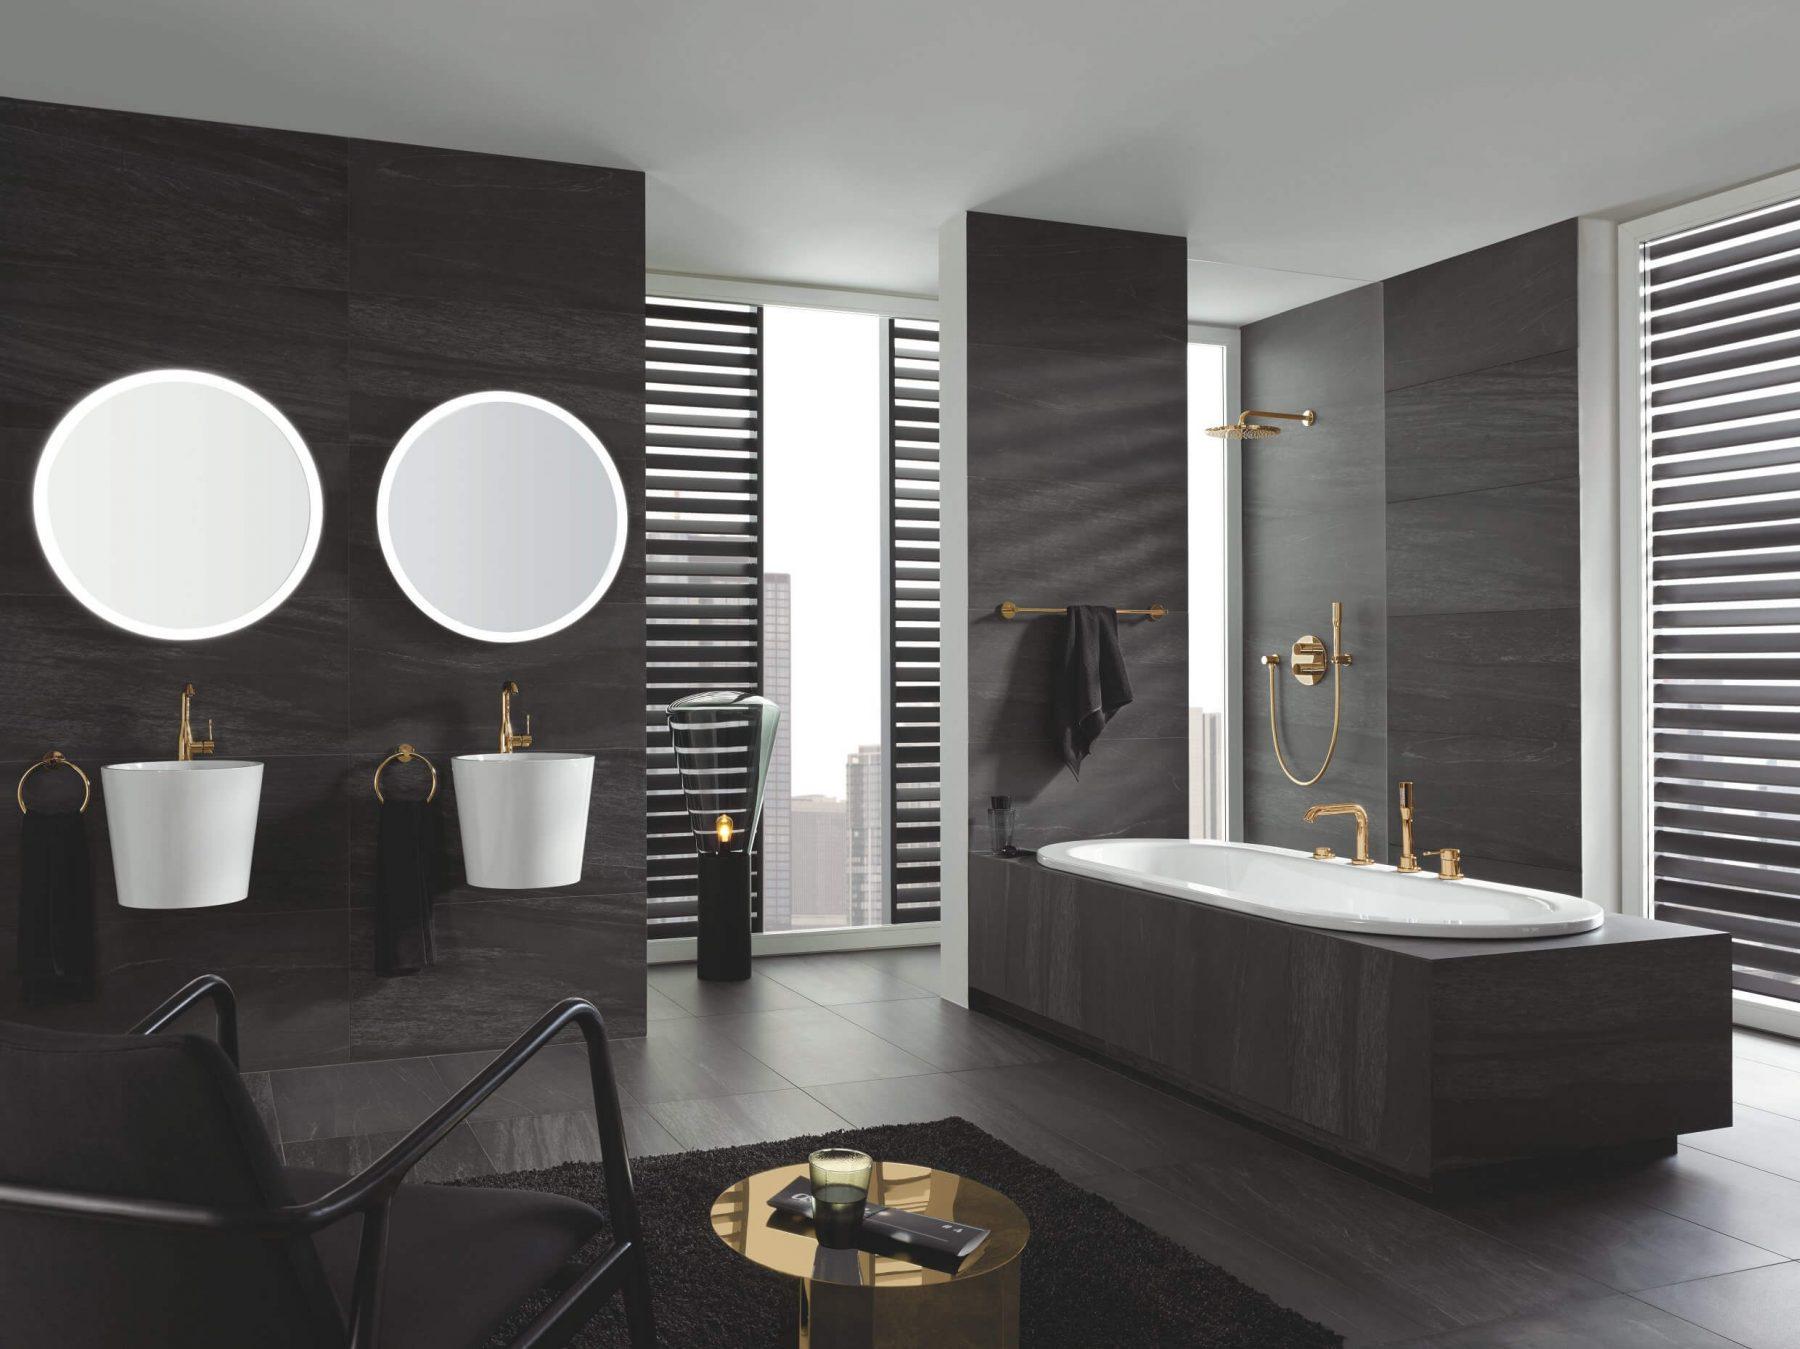 Badtrend Grau – Warum dunkle Farben für das Badezimmer perfekt sind